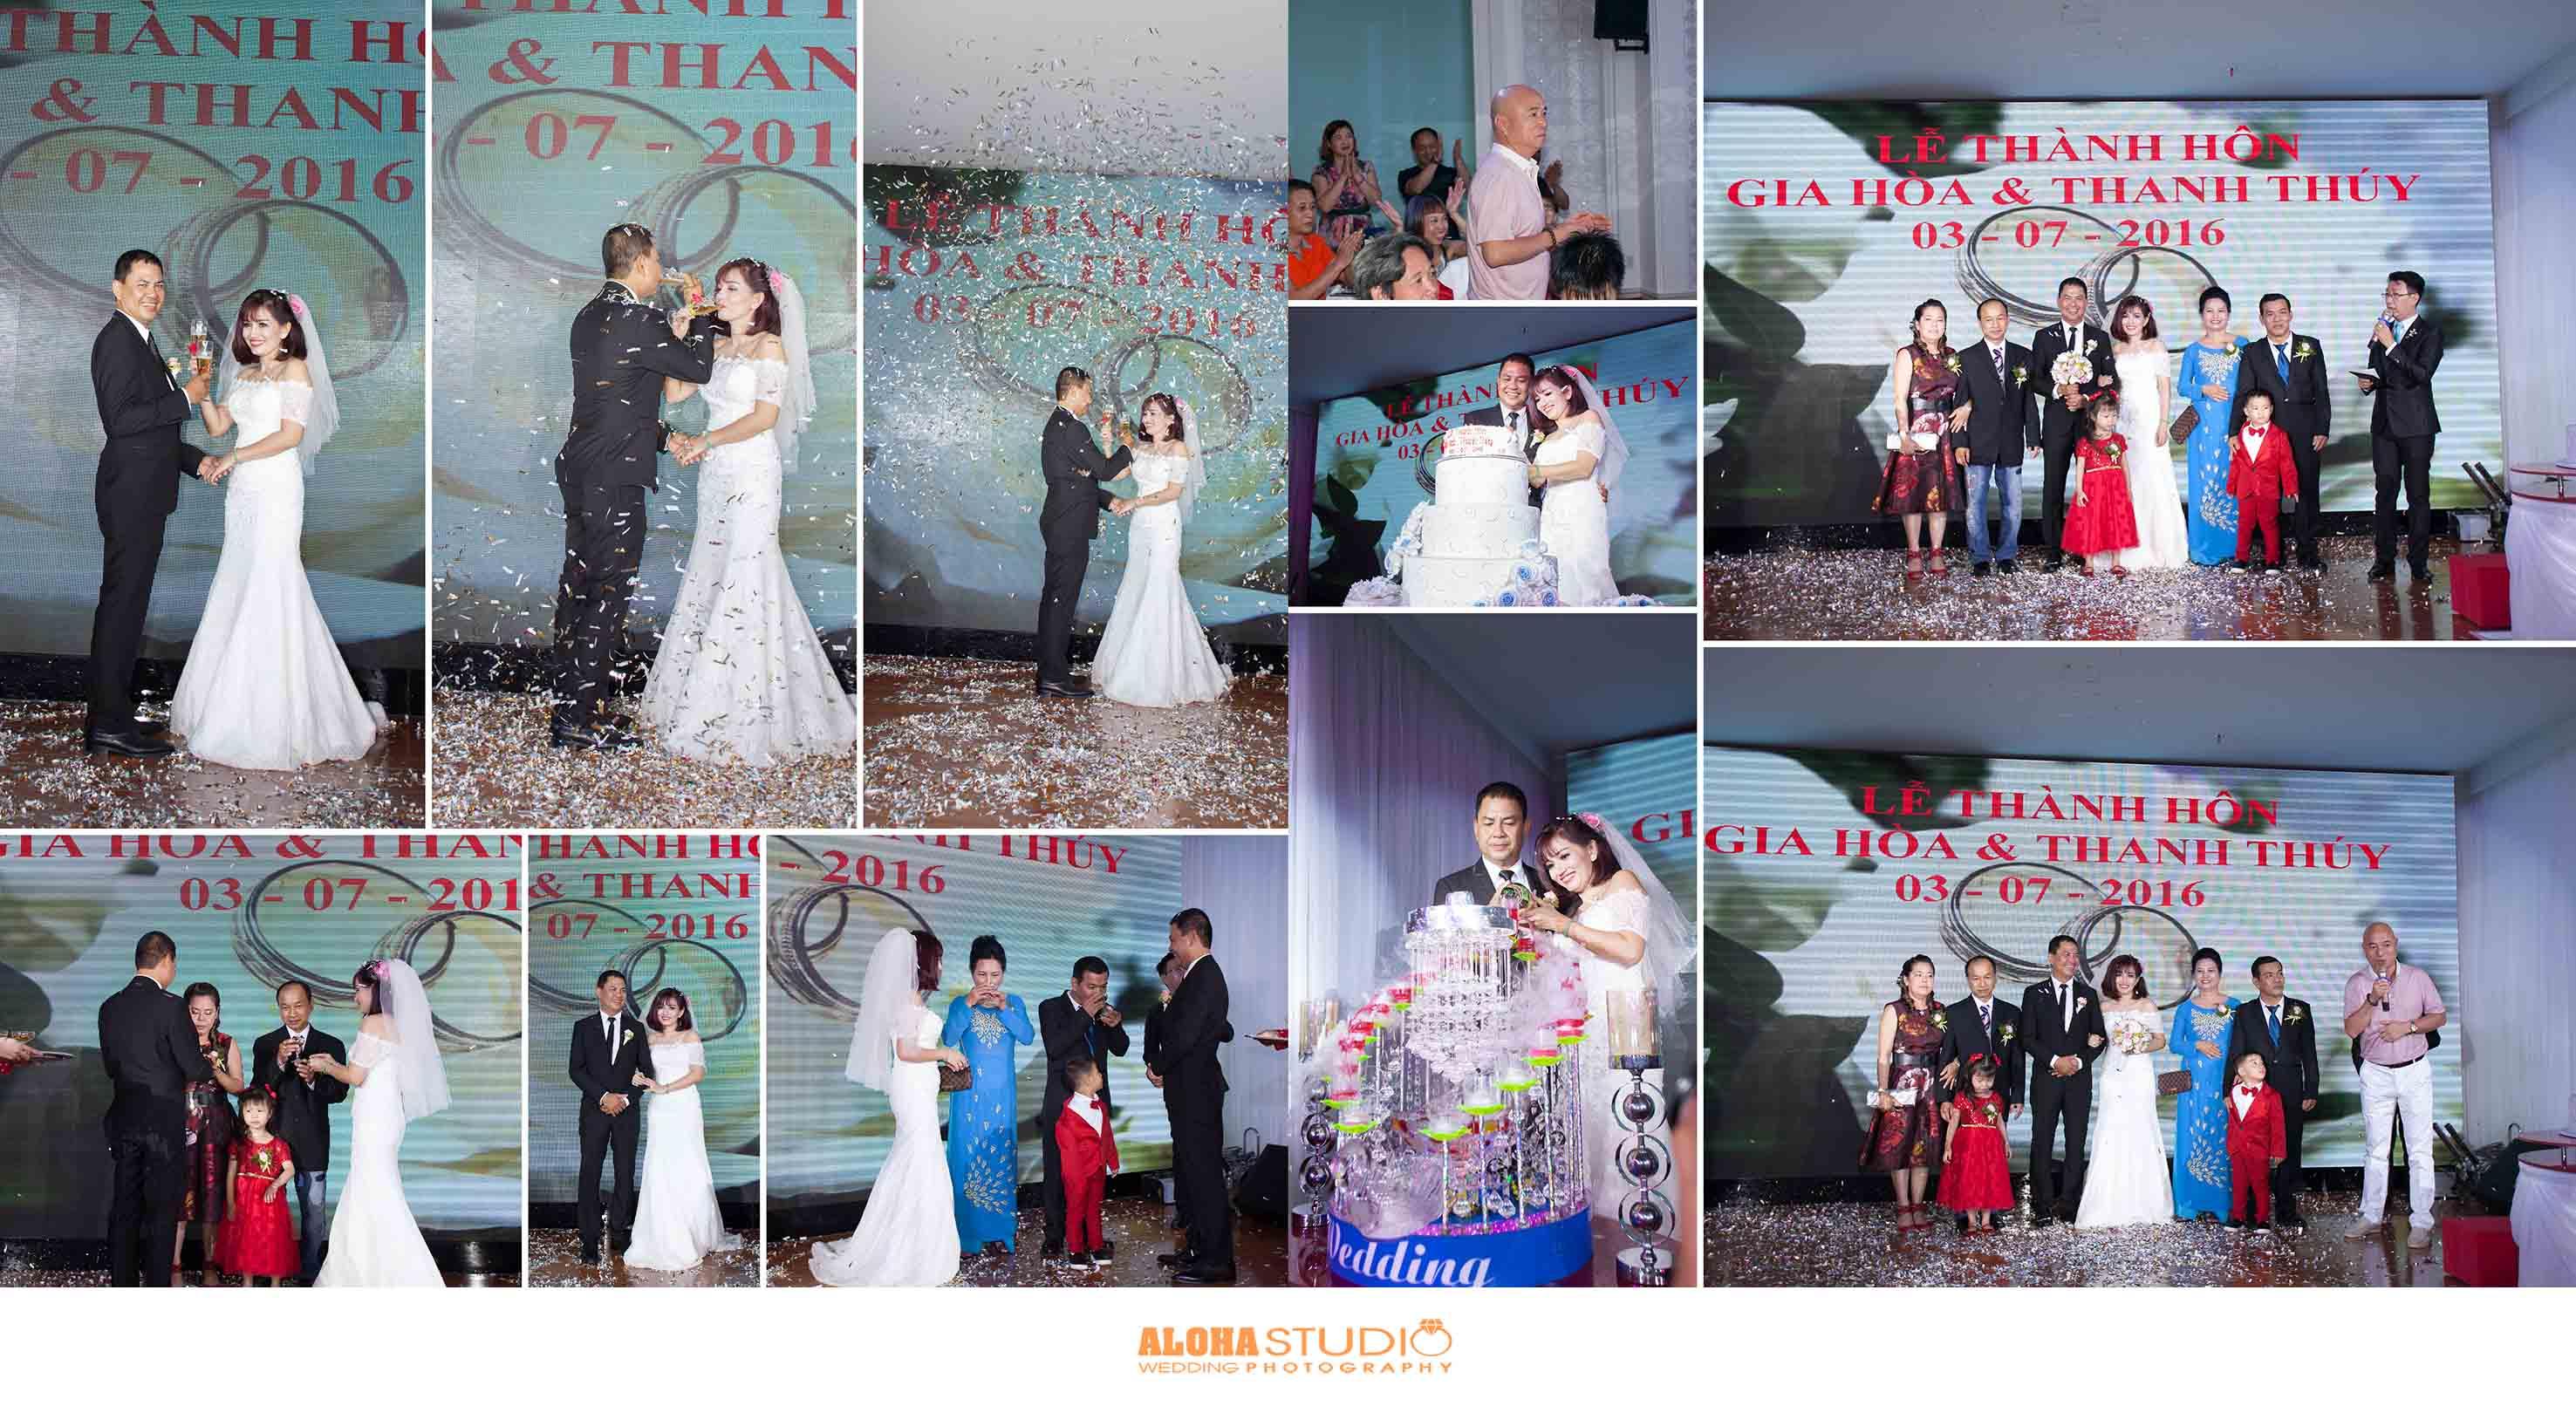 Quay phim đám hỏi, đám cưới đẹp giá rẻ tại Tp.HCM 2017